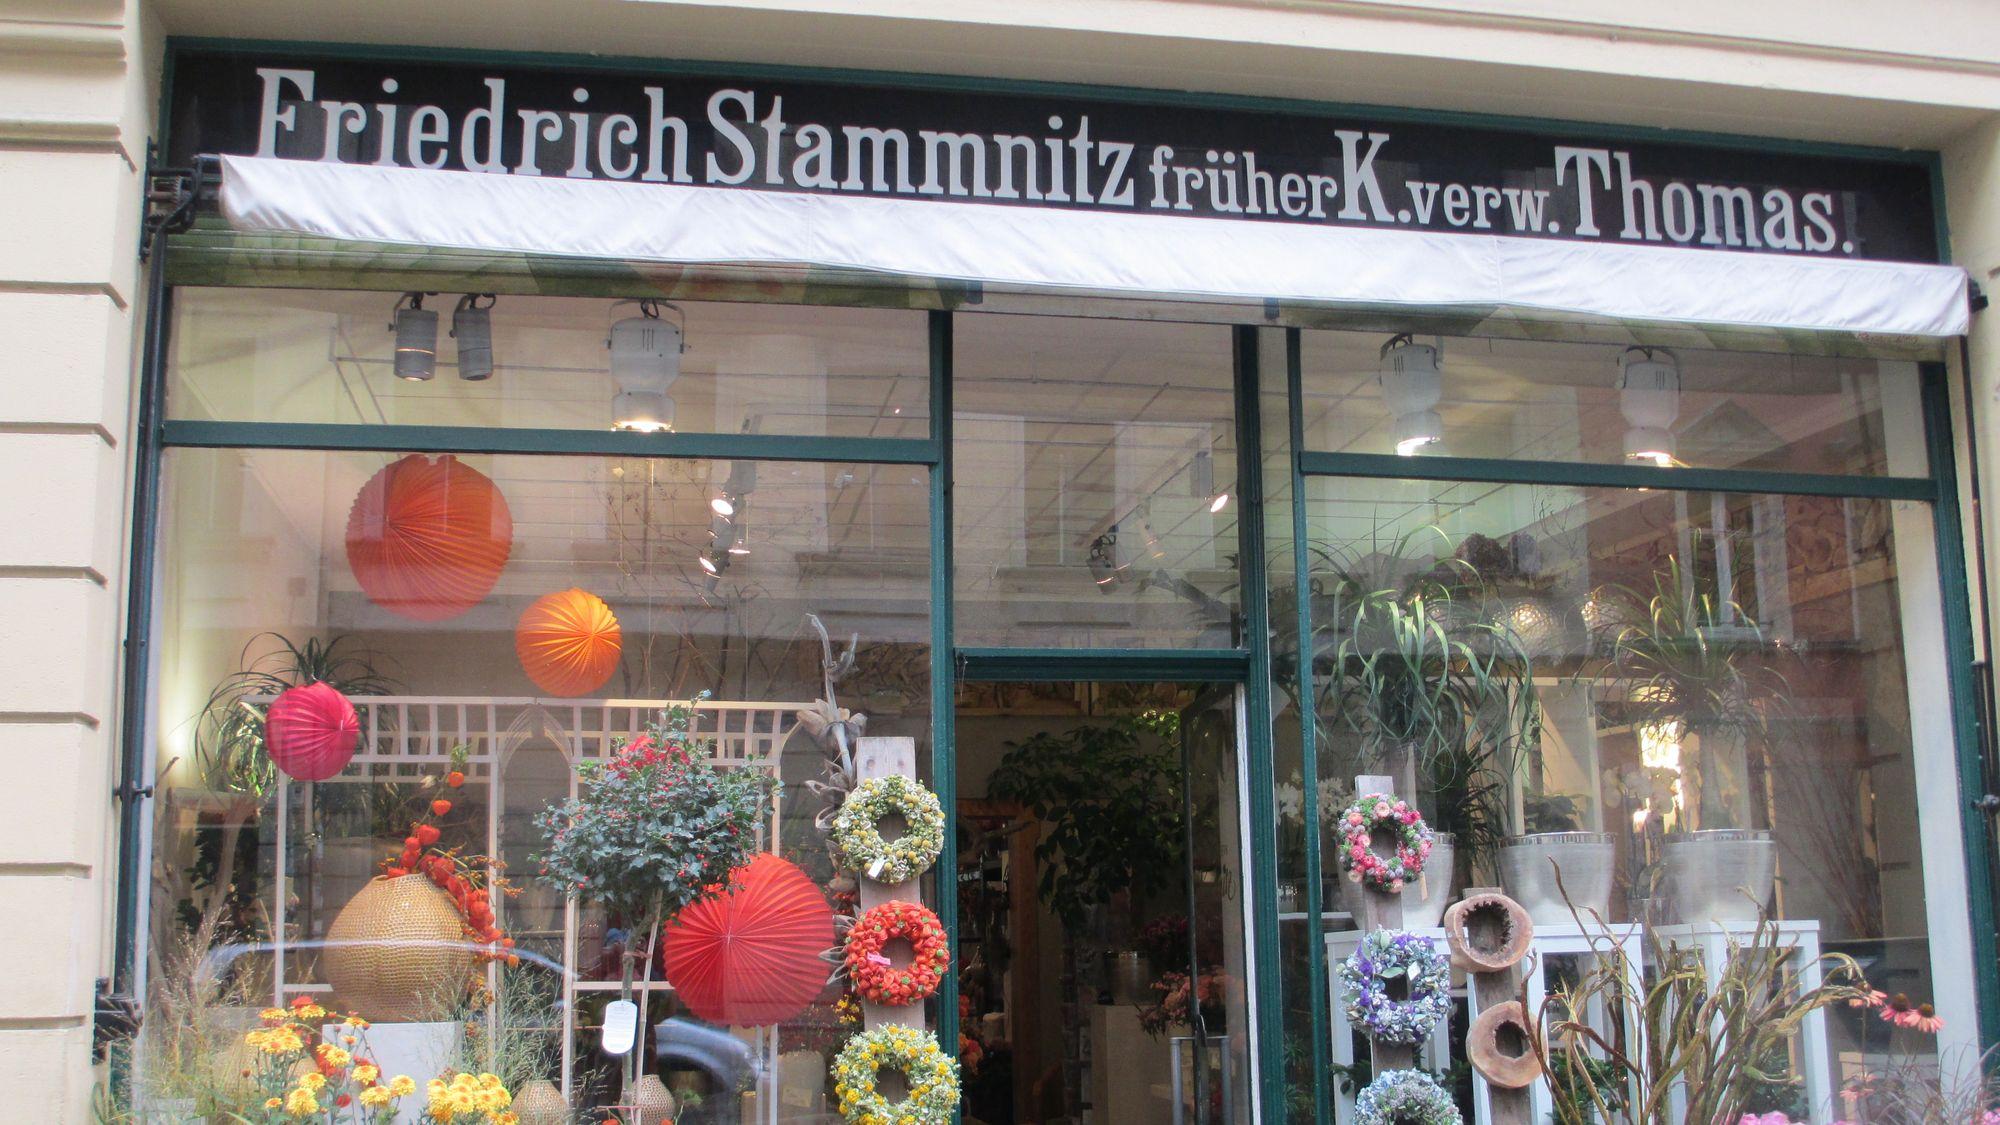 Blumen Stammnitz ist der älteste Blumenladen Dresdens